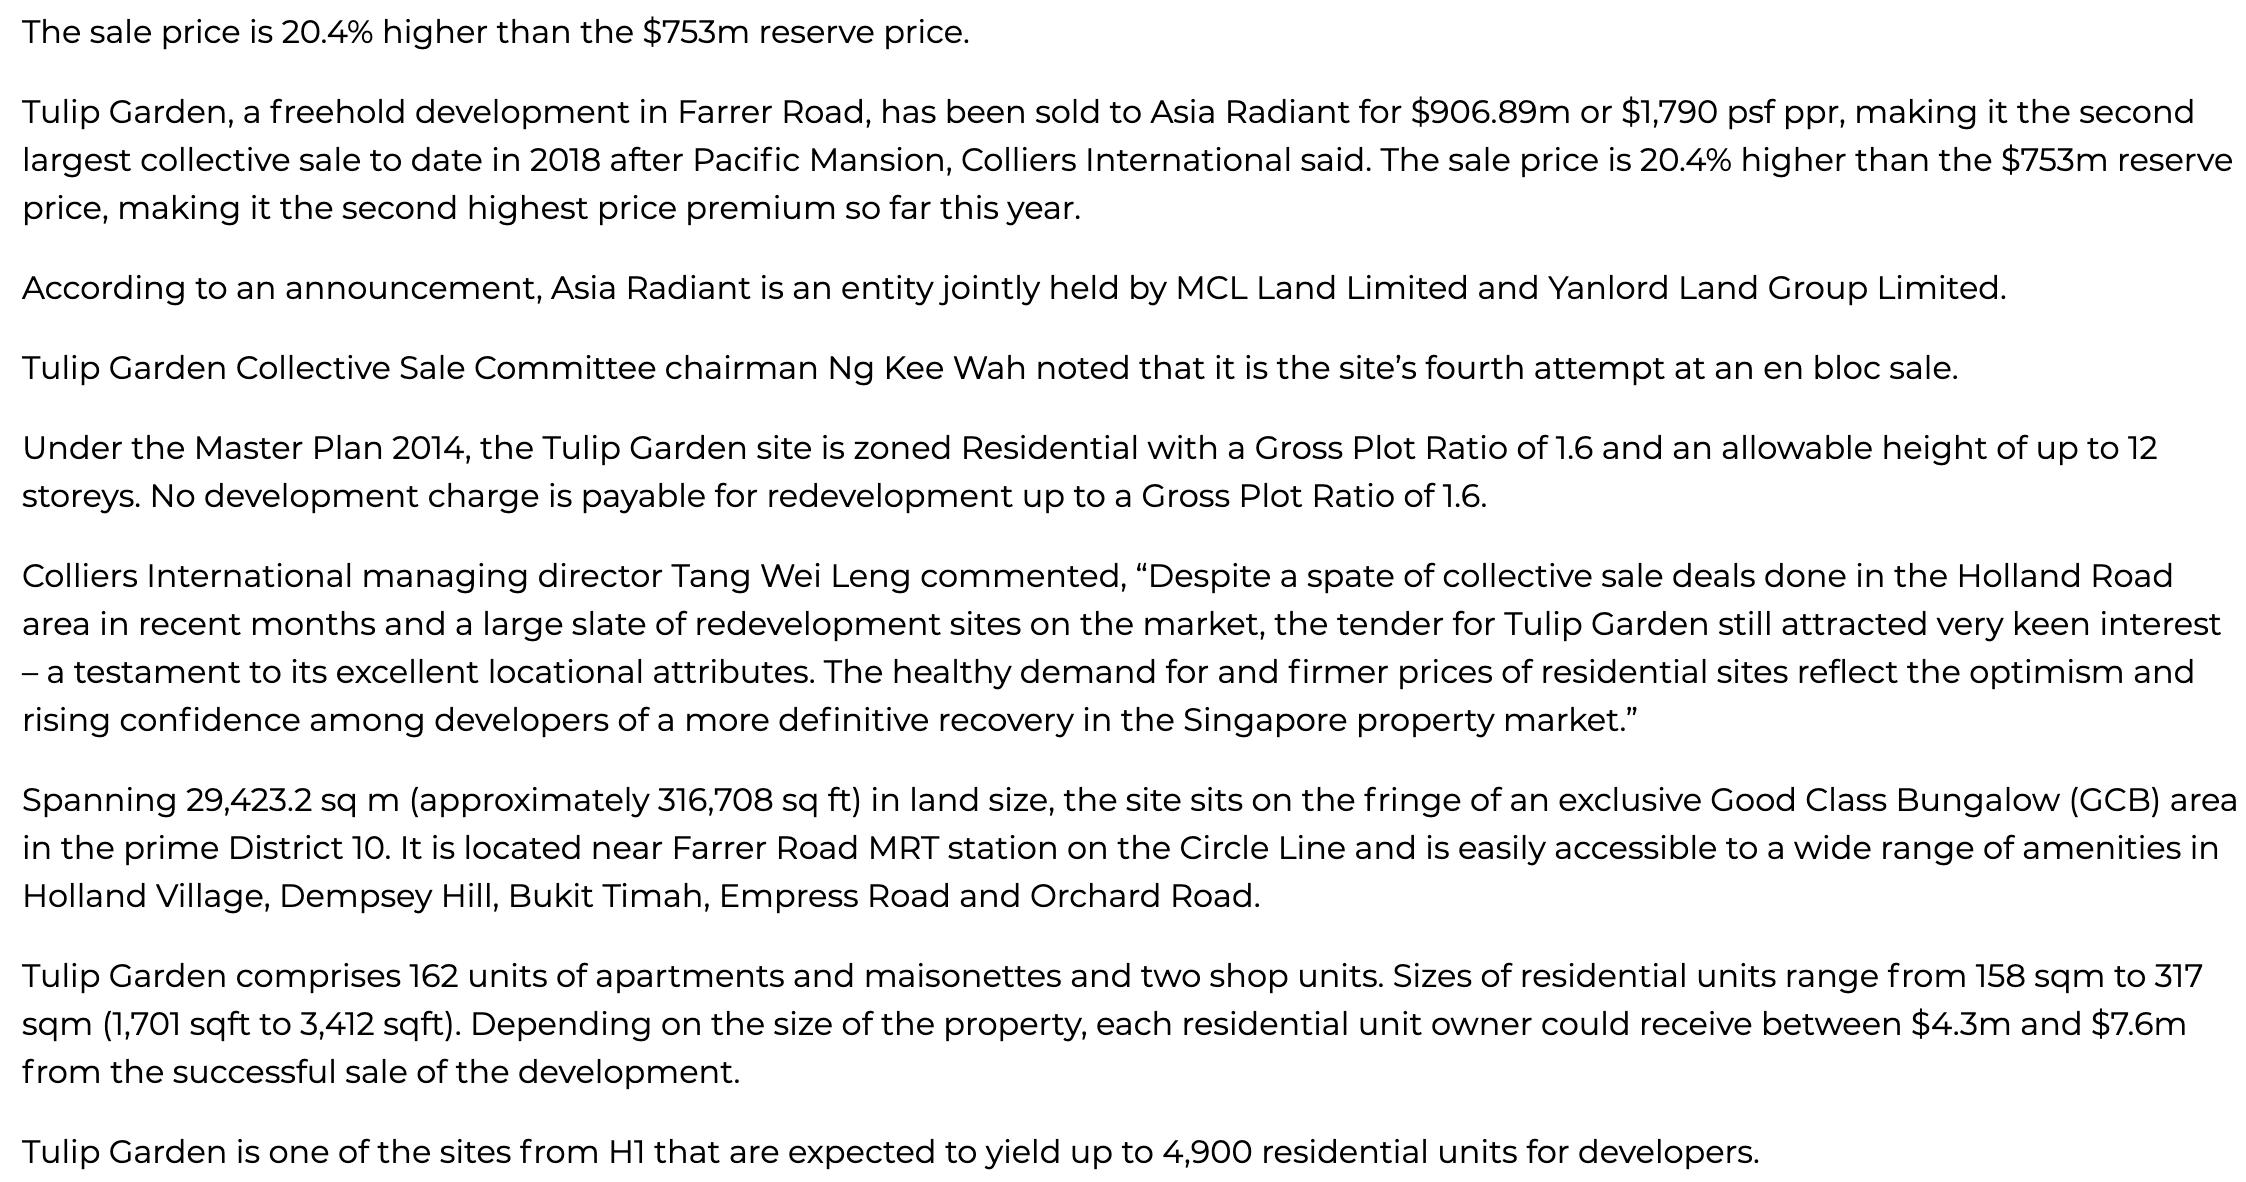 tulip-garden-is-2018's-second-largest-en-bloc-sale-at-$906.89m